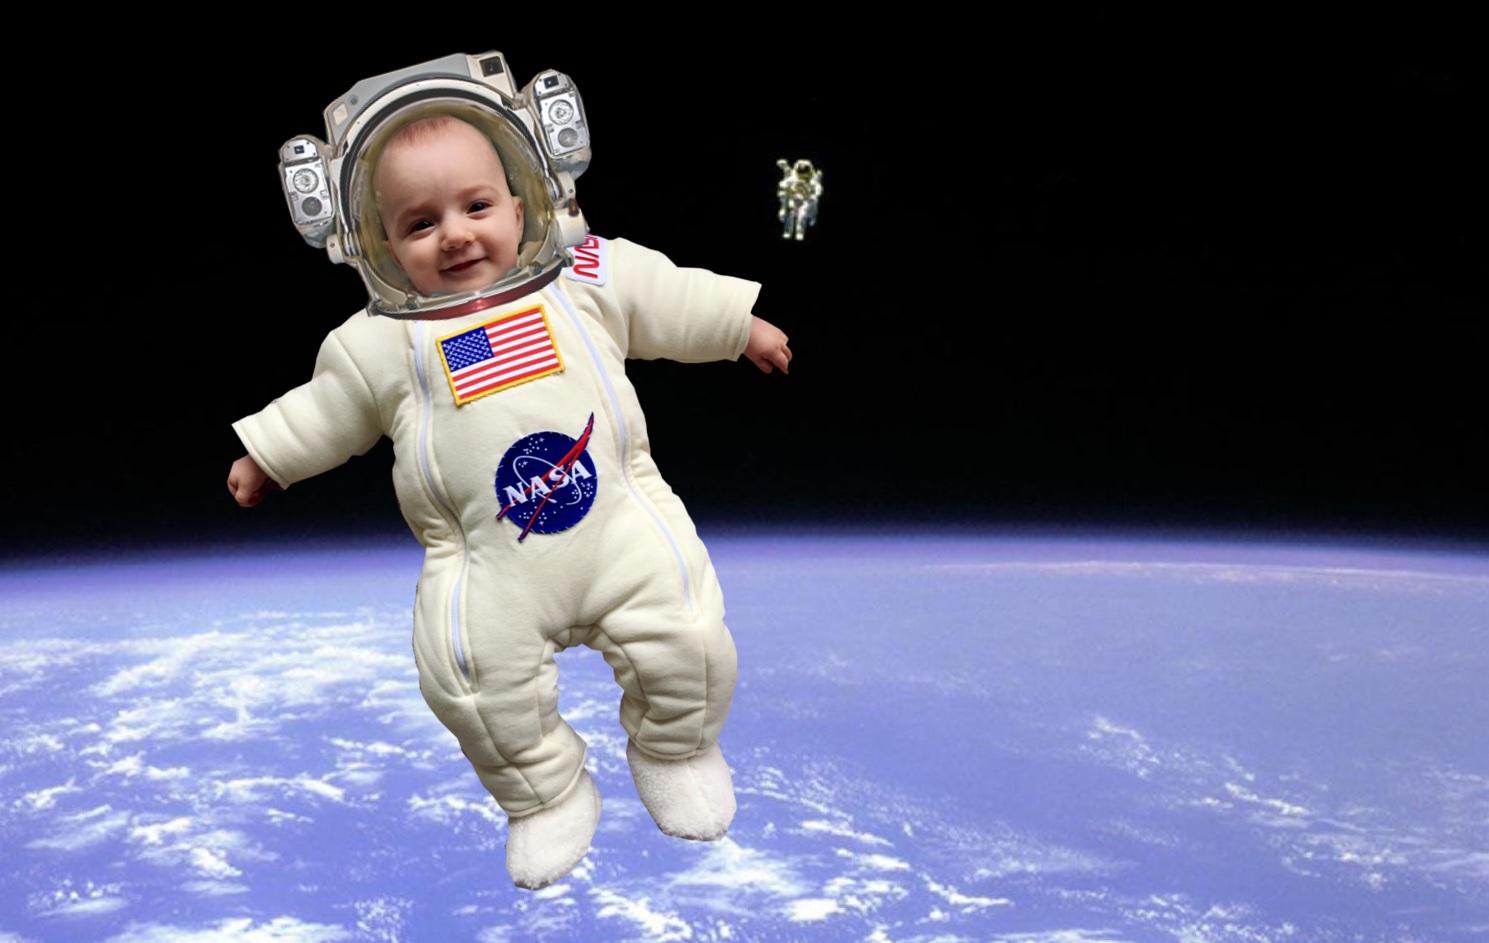 زایمان در فضا